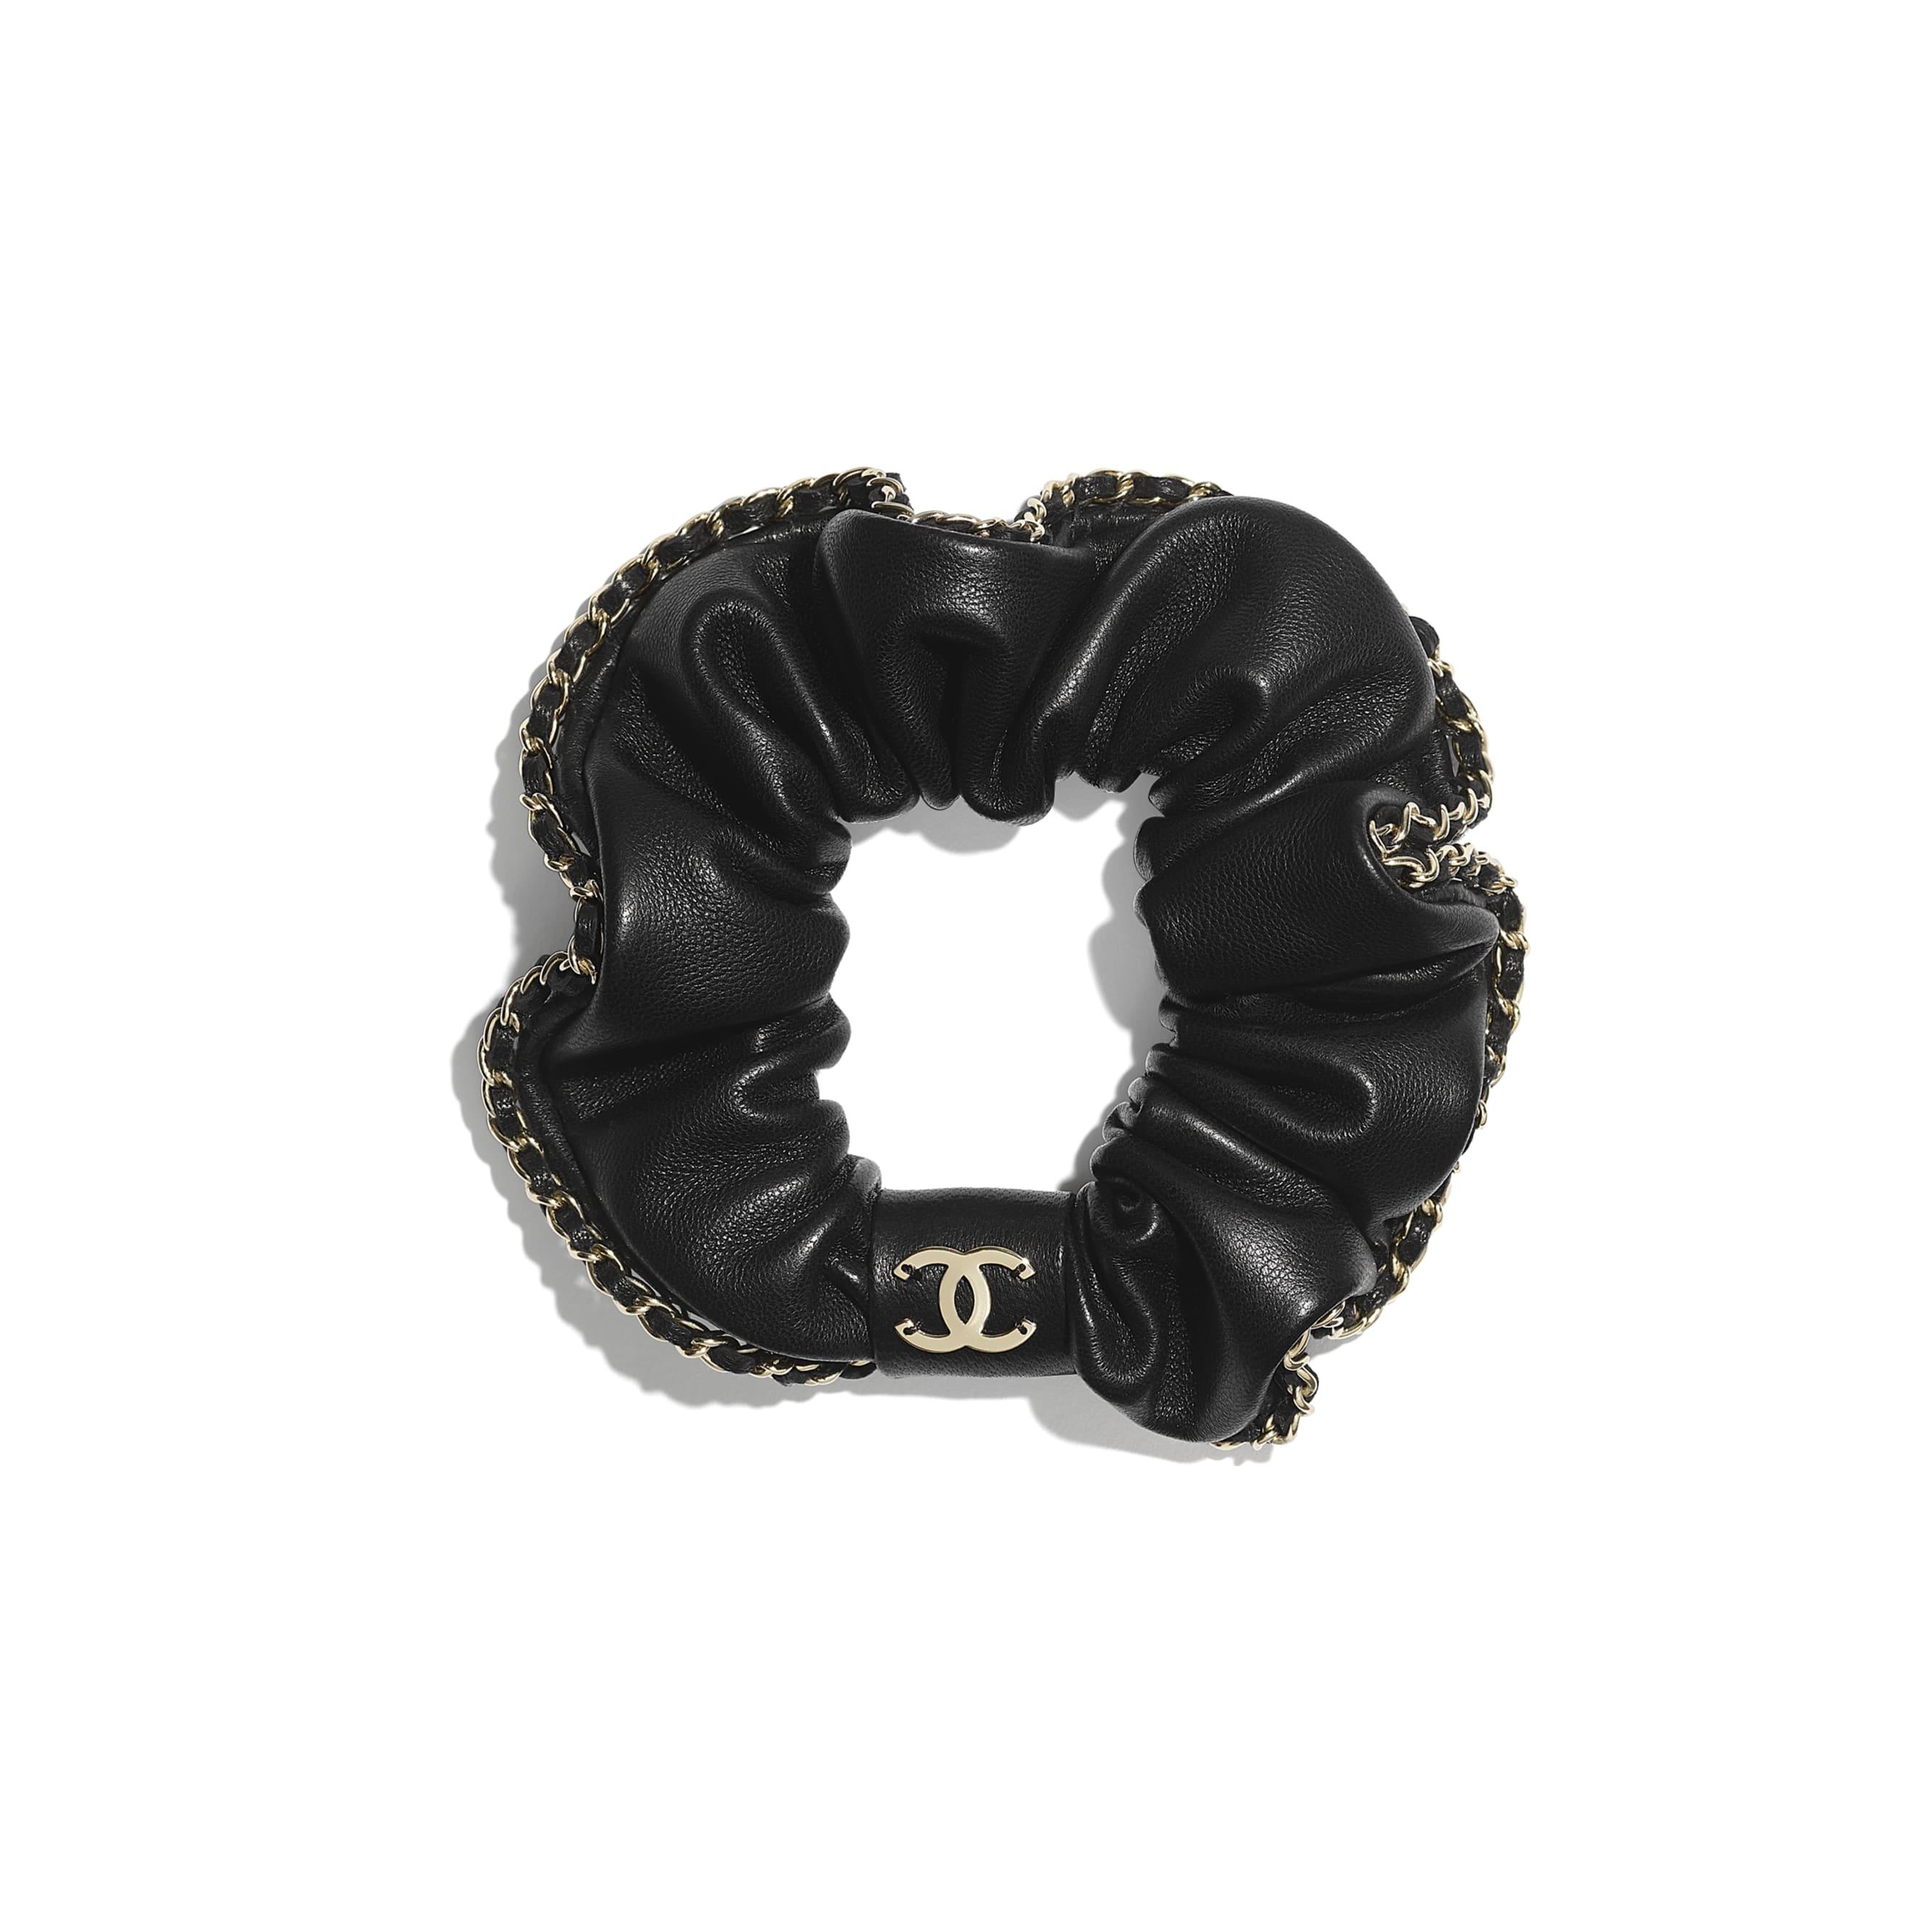 Bijou per capelli - Nero - Pelle di agnello & metallo effetto dorato - CHANEL - Immagine predefinita - vedere versione standard